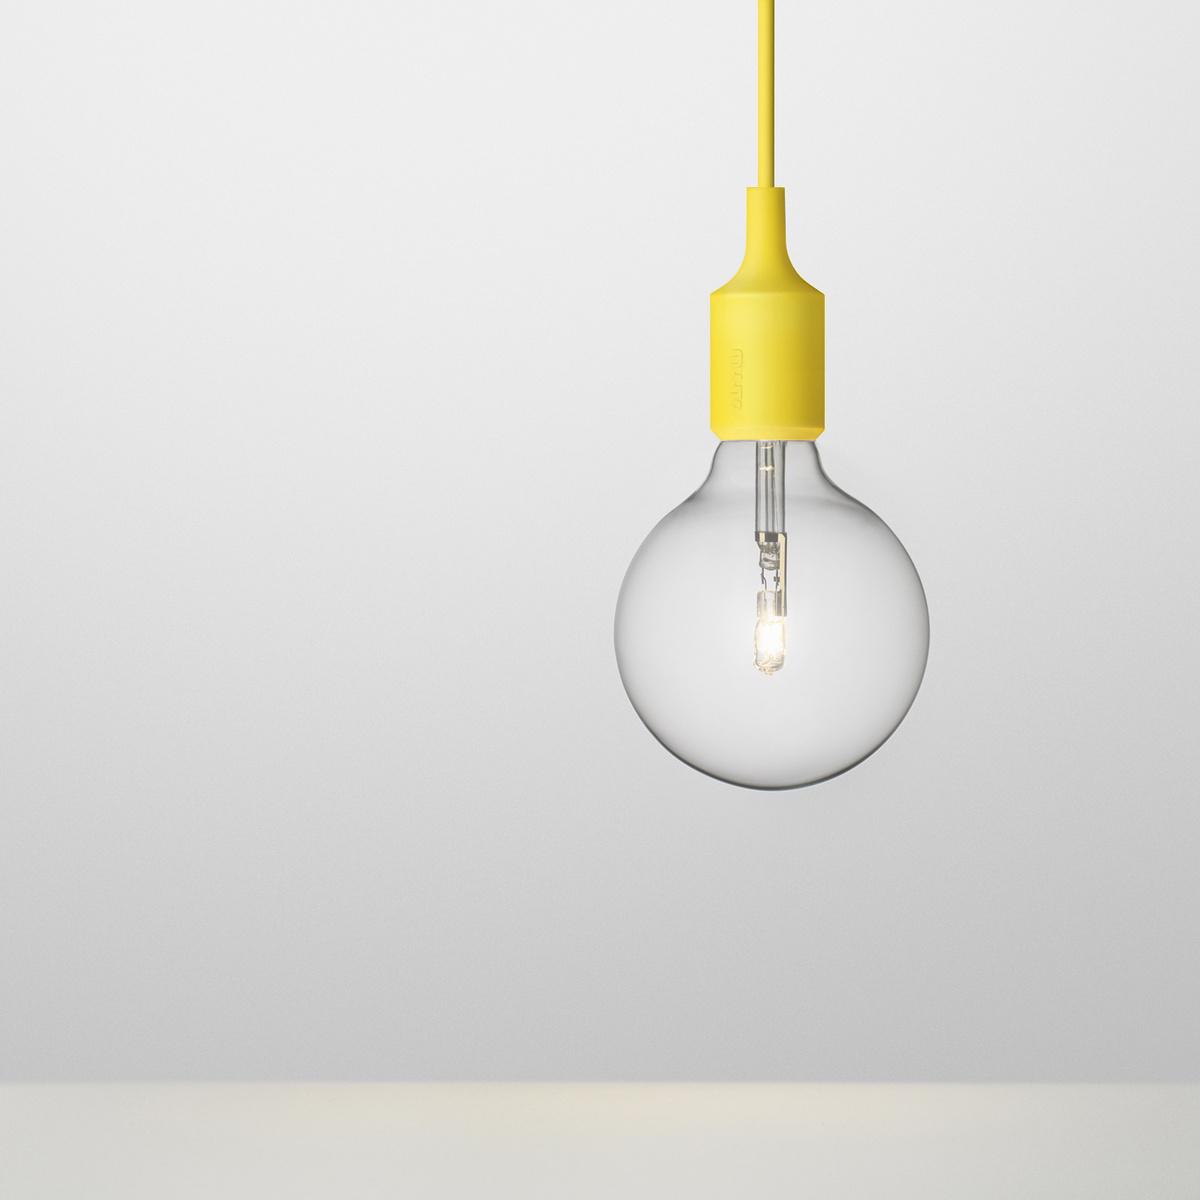 Závesné svietidlo E27, žlté